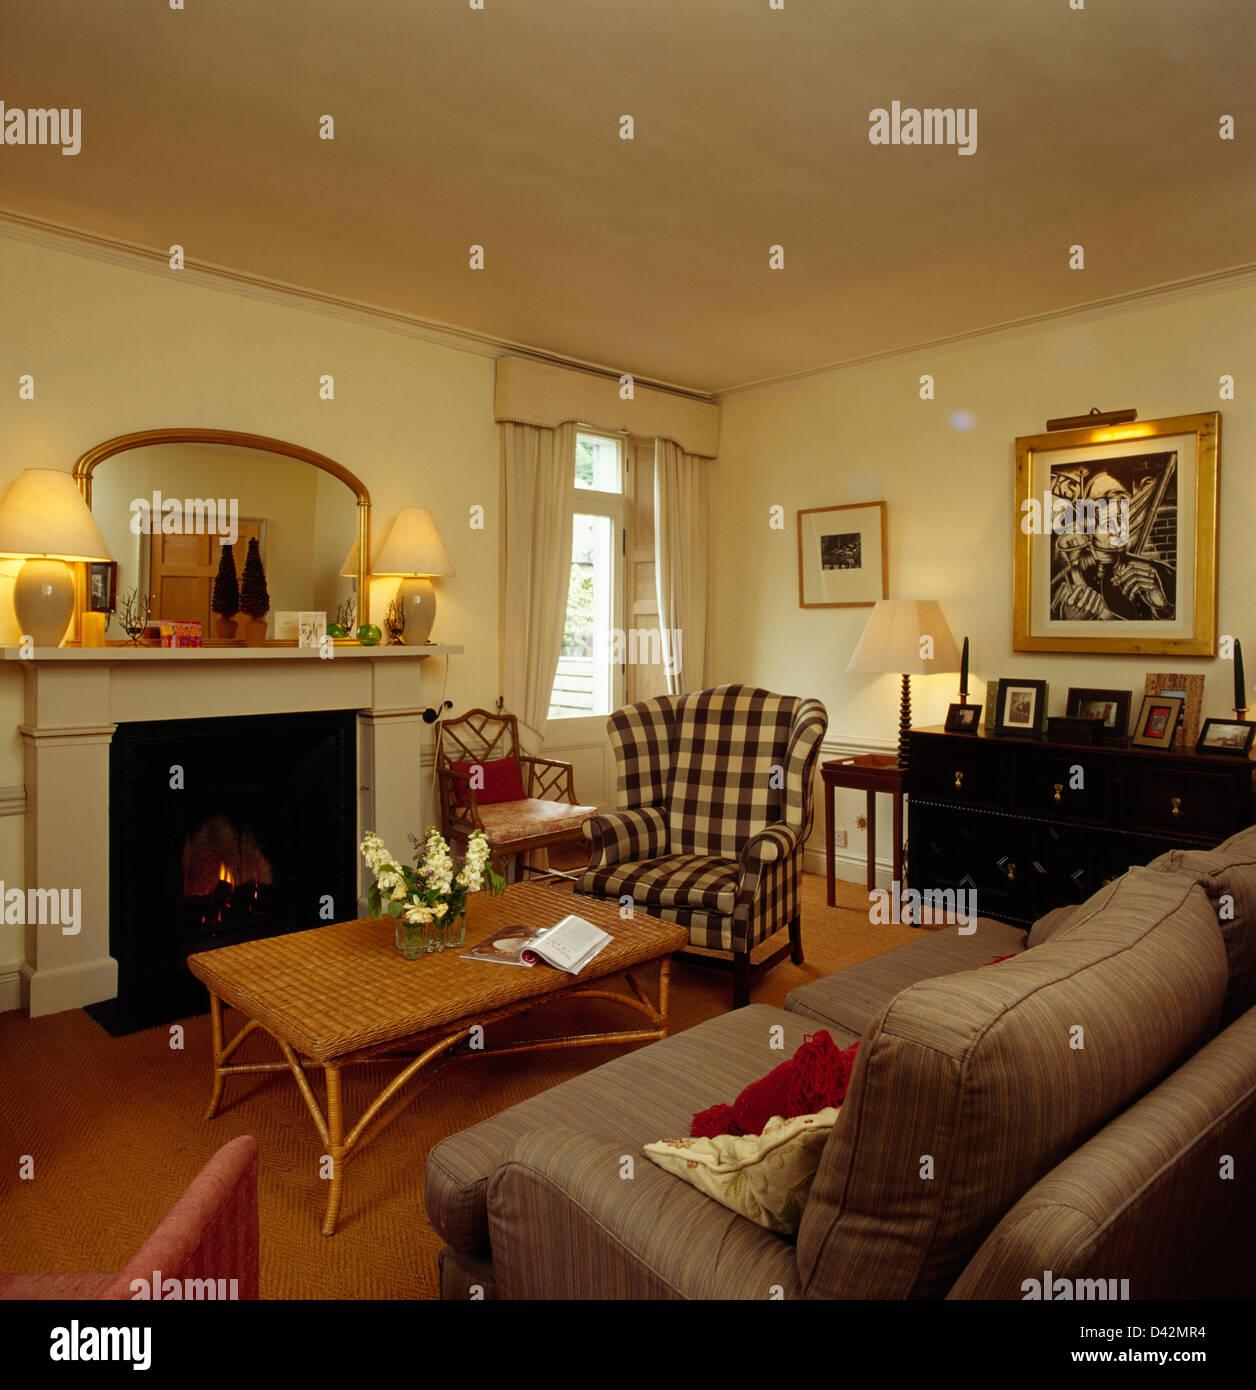 Lampen und Spiegel auf Kaminsims im Wohnzimmer mit Peddigrohr ...